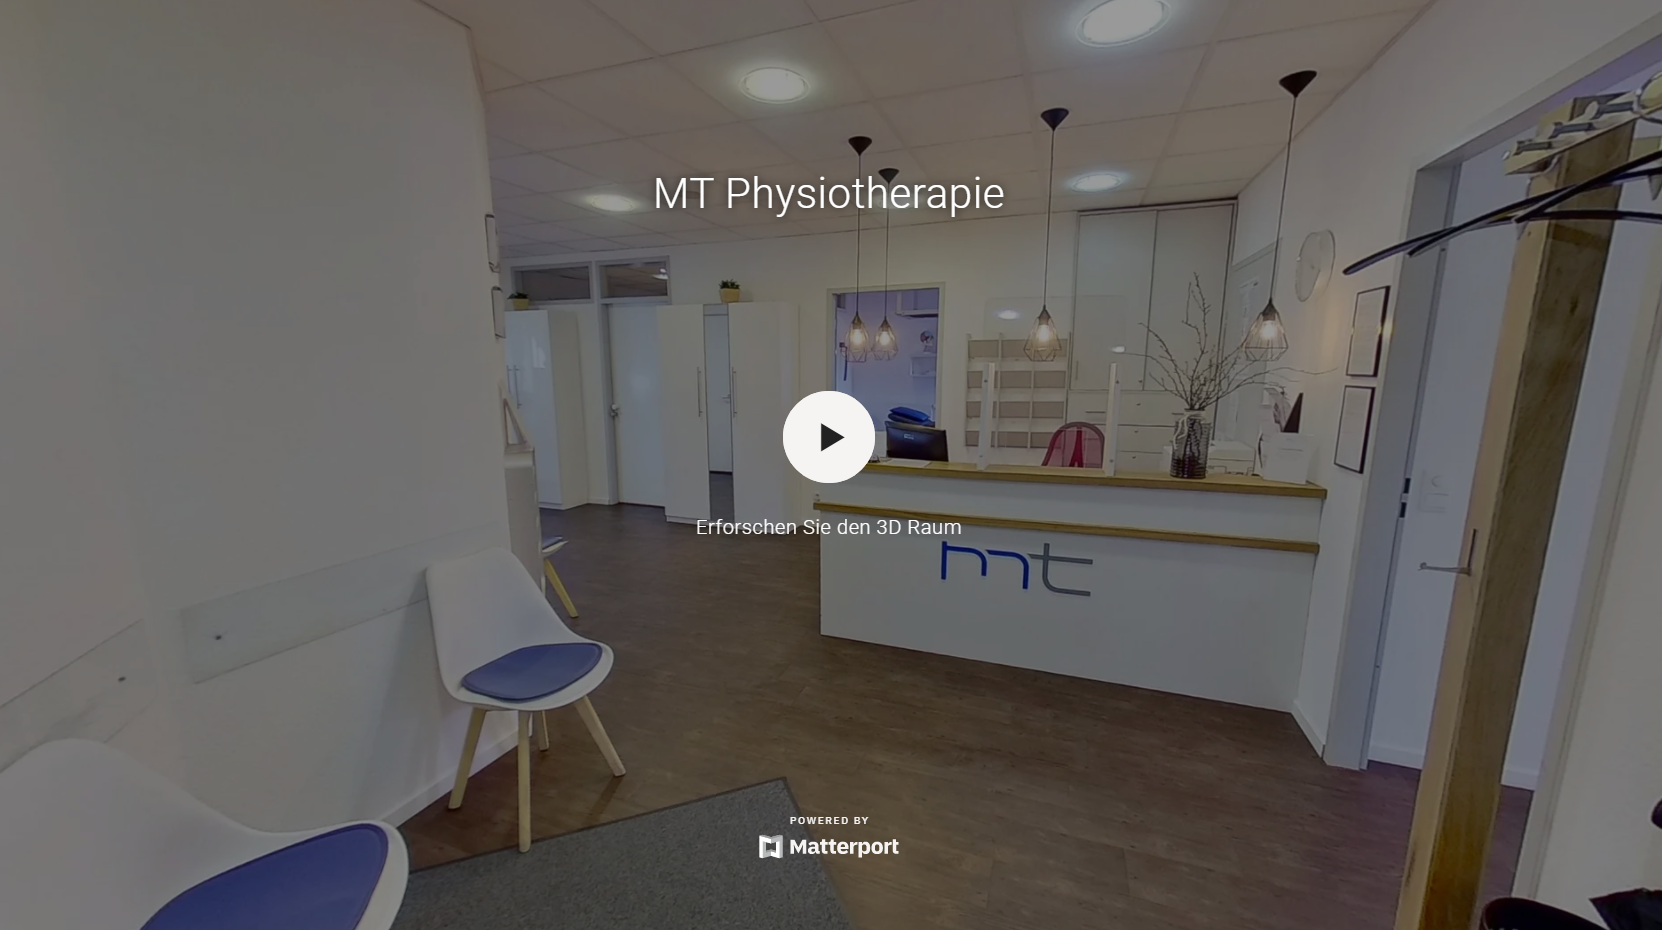 Virtueller 360° Rundgang einer Praxis für Physiotherapie